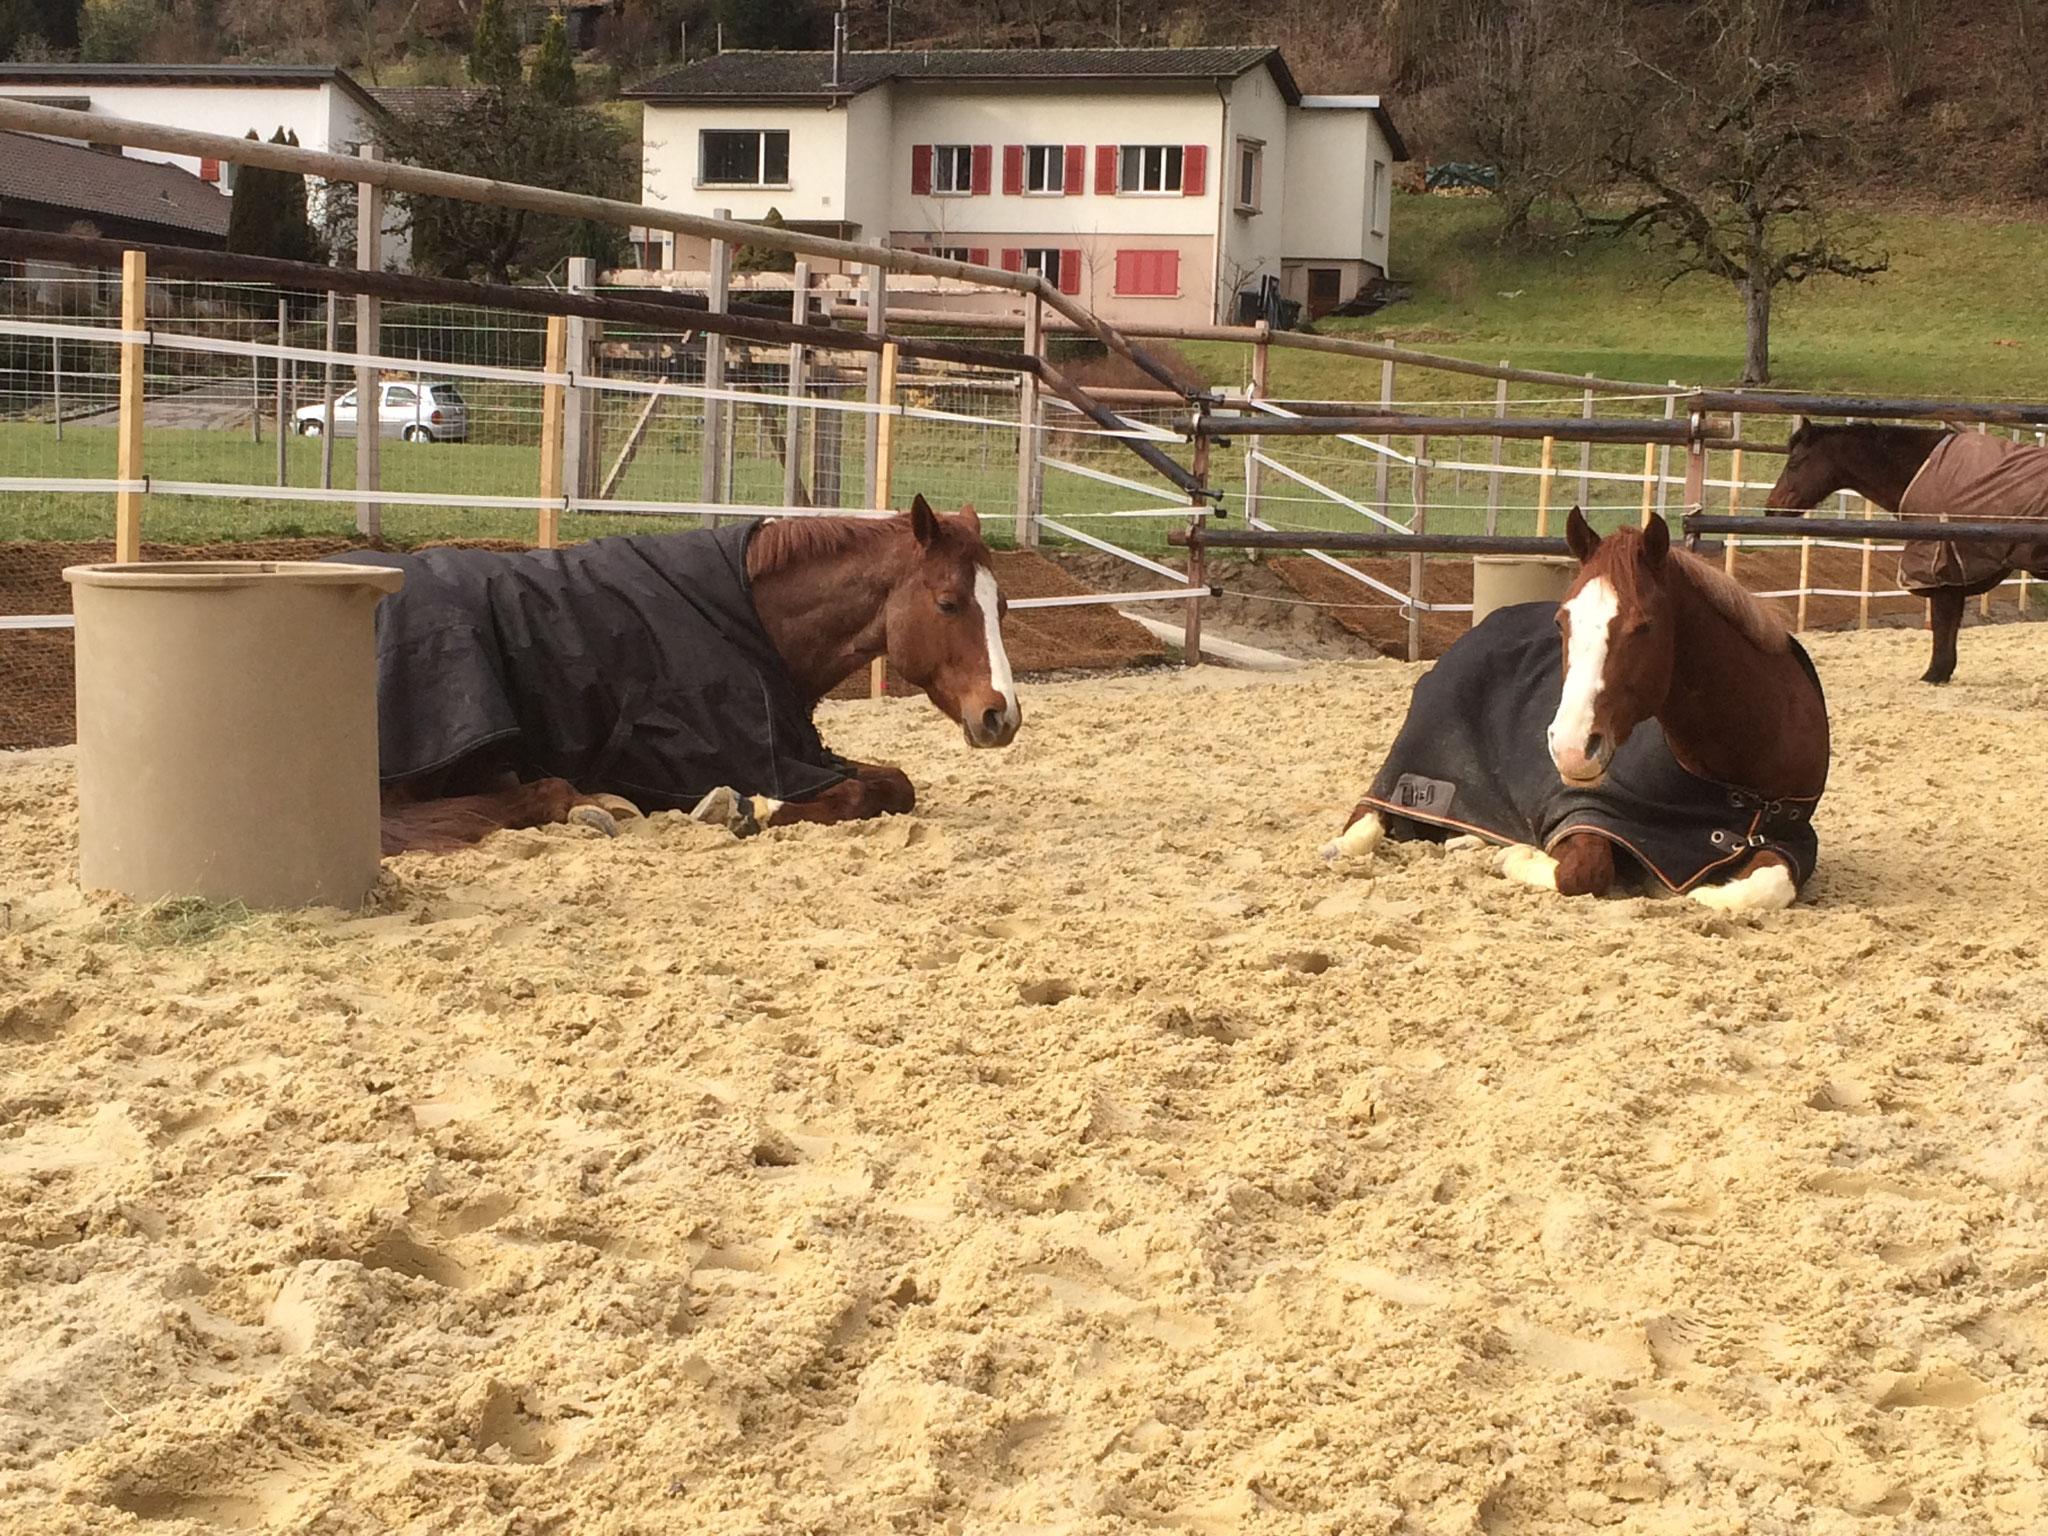 Nebst direktem Sandauslauf fühlen sich unsere Pferde auch täglich während mehreren Stunden auf dem zusätzlichen Sandplatz wohl